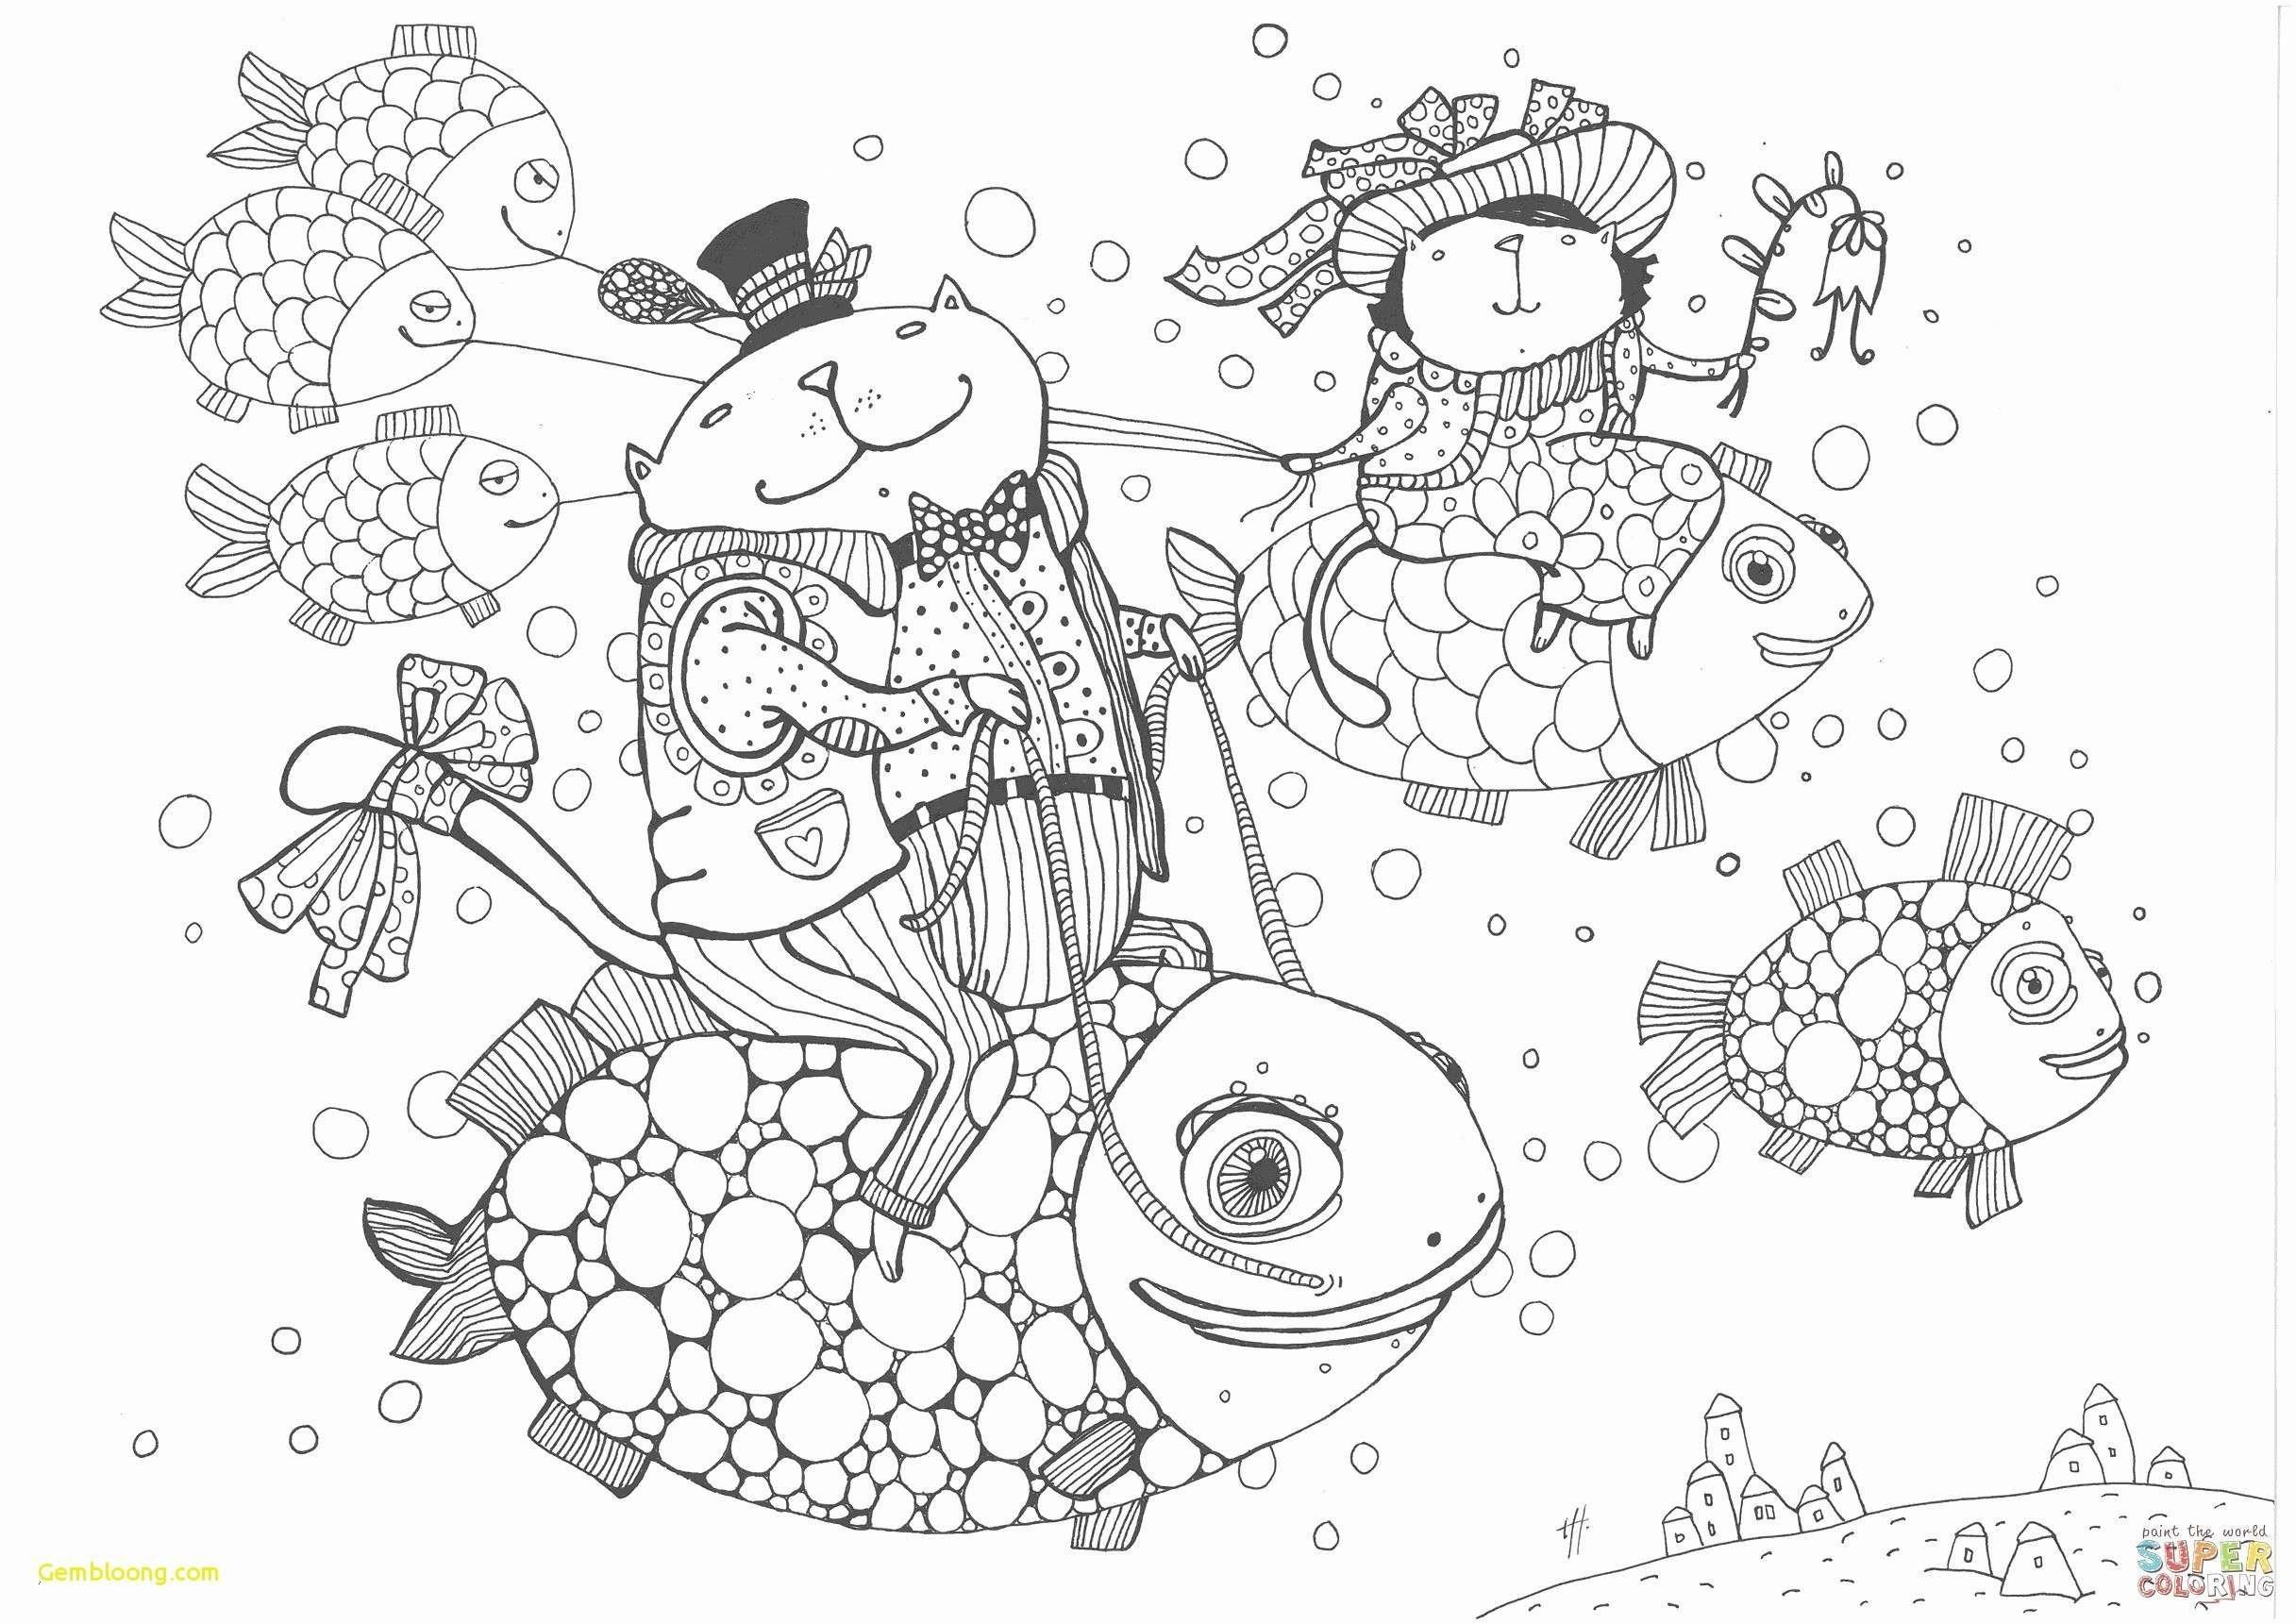 Ausmalbilder Erwachsene Fantasy Das Beste Von atemberaubend Weihnachten Sprüche Für Karten Elegant Ausmalbilder Bilder